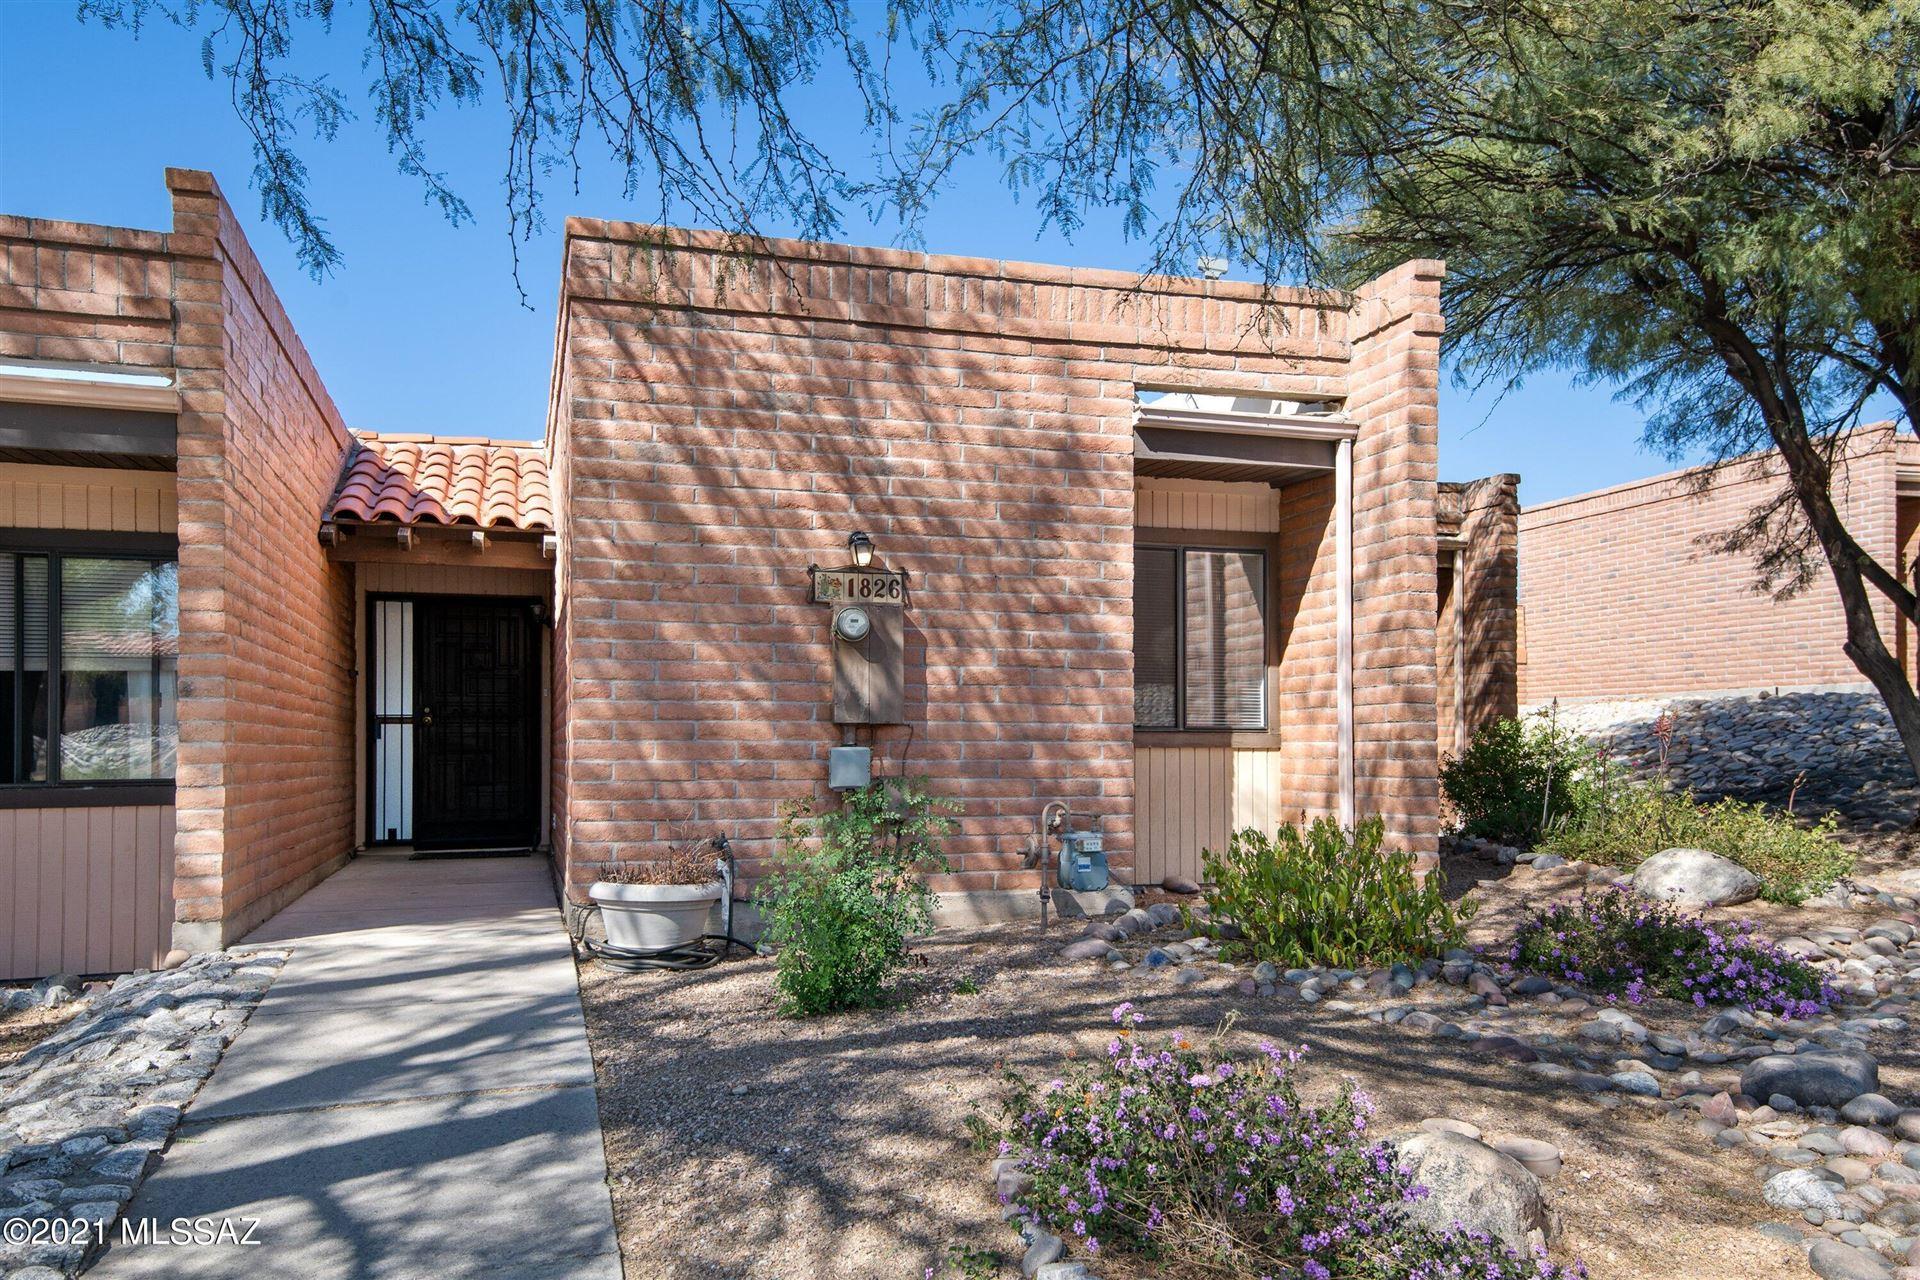 1826 W Dalehaven Circle, Tucson, AZ 85704 - MLS#: 22104866